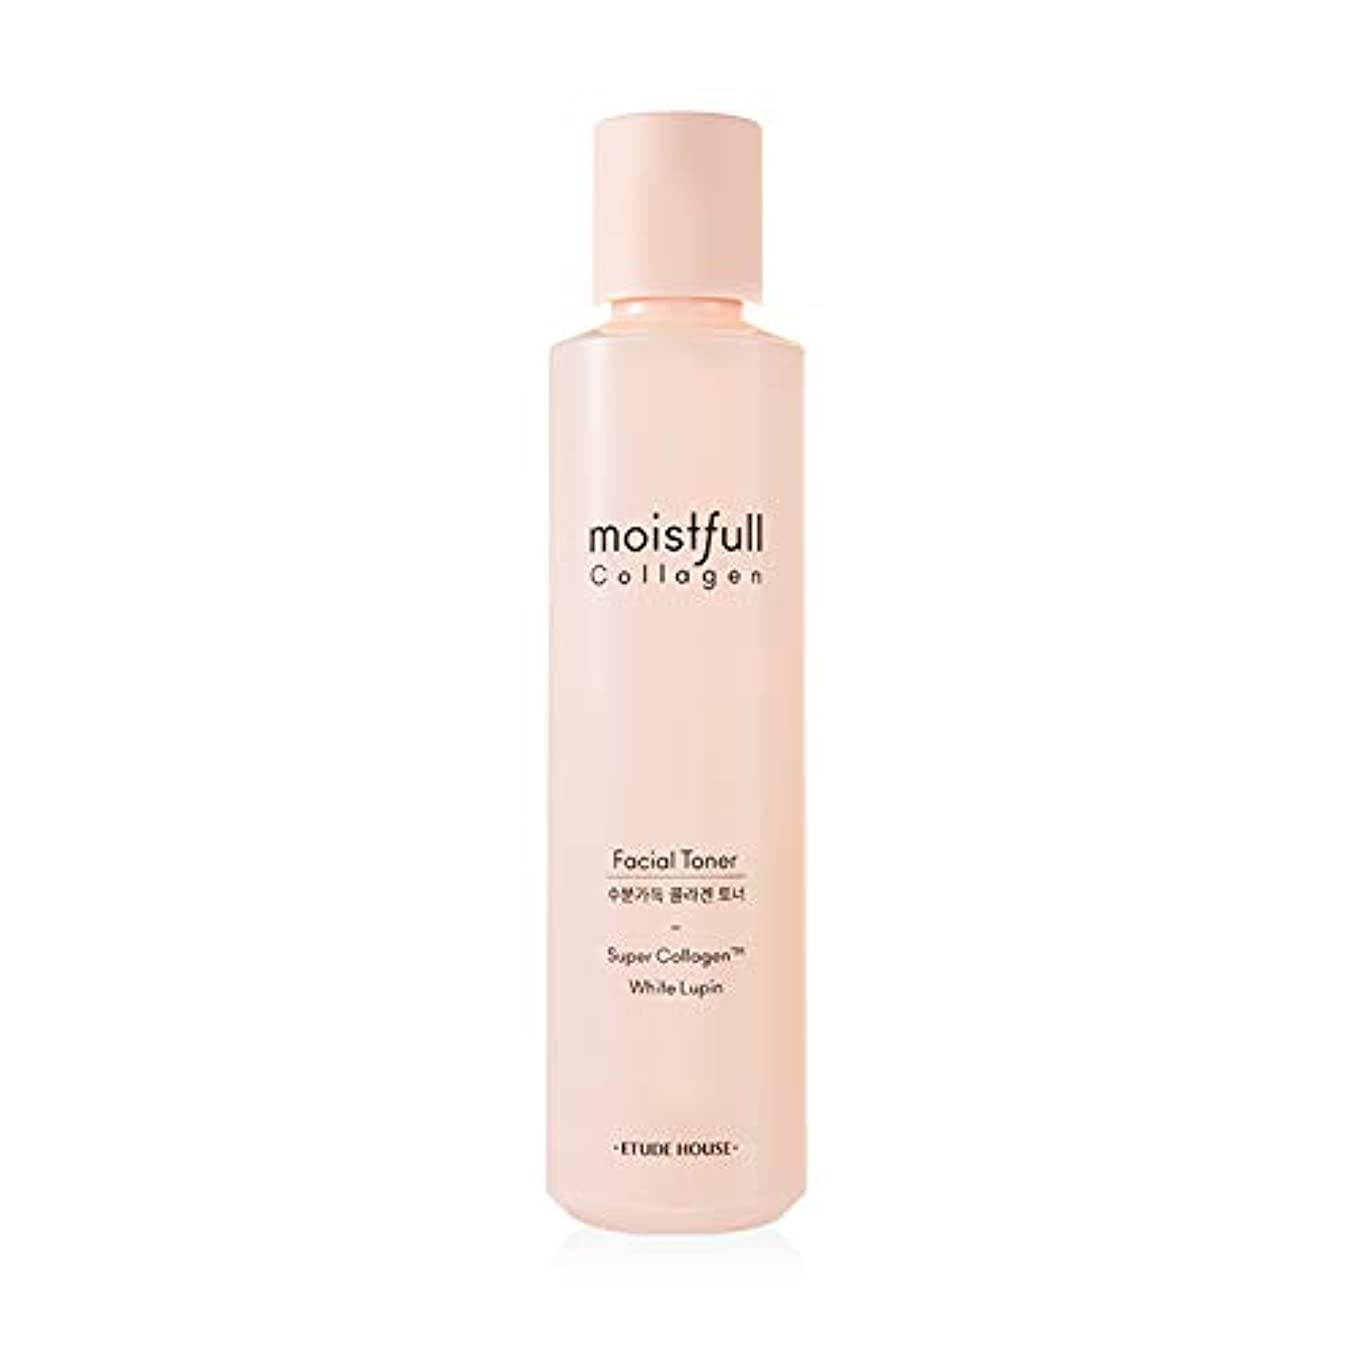 自伝池周囲エチュードハウス モイストフルCL トナー(化粧水) 200ml / ETUDE HOUSE Moistfull Collagen Skin 200ml [並行輸入品]